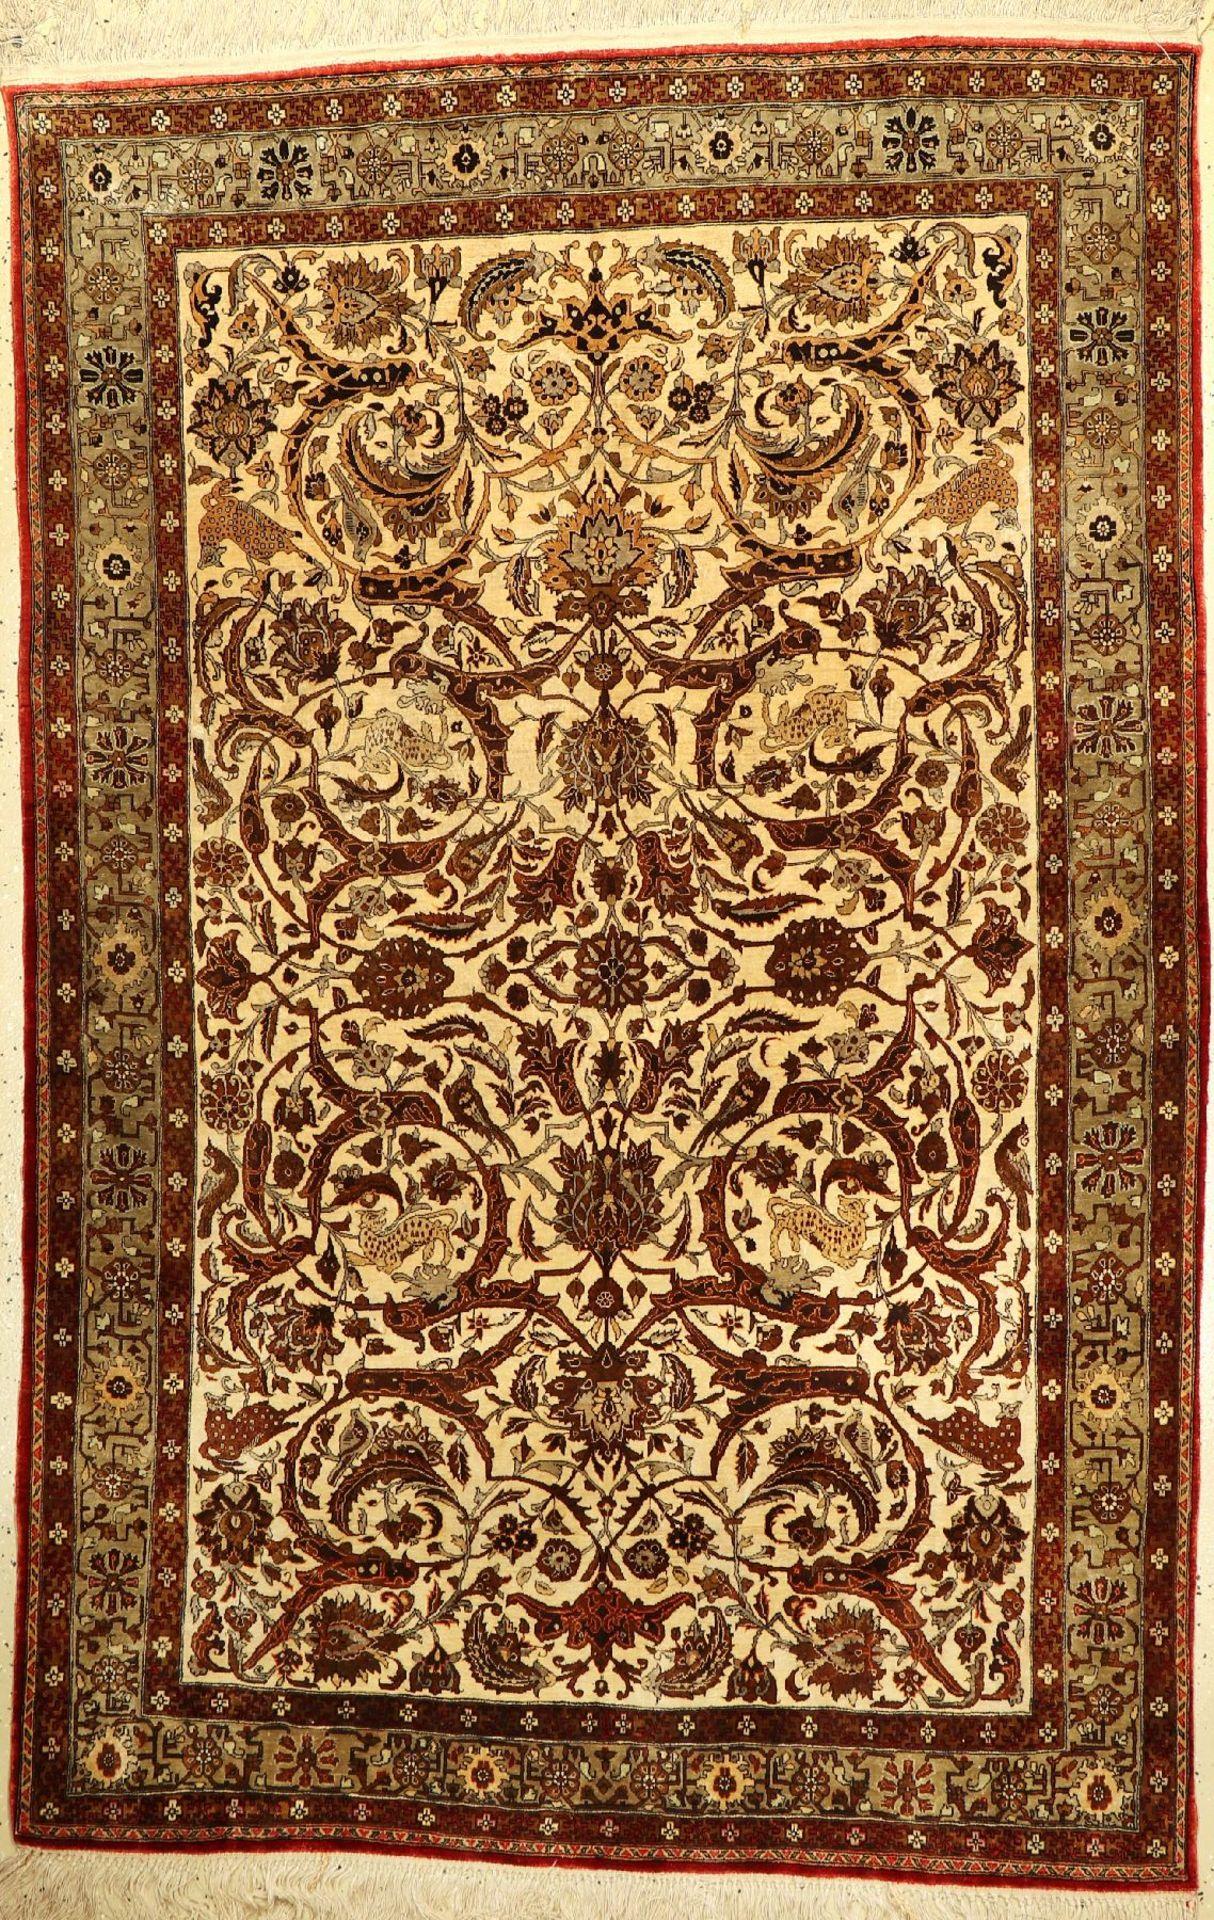 Feiner Seiden Ghom alt, Persien, um 1950, reine Naturseide, ca. 212 x 135 cm, sehr hochwertig,